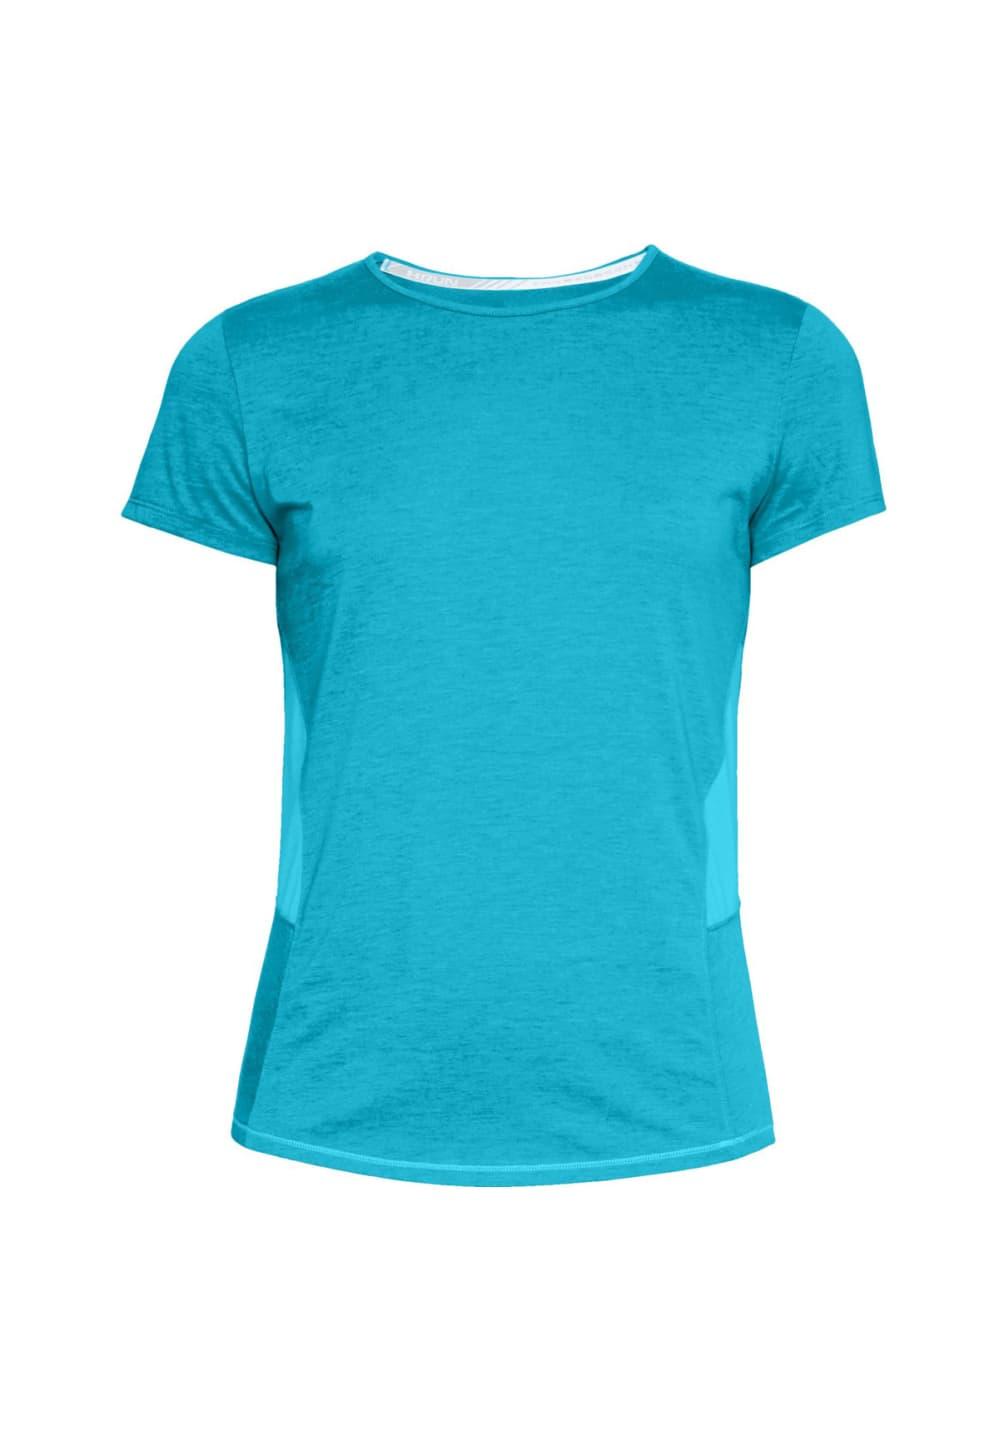 Under Armour Swyft Shortsleeve Tee - Laufshirts für Damen - Blau